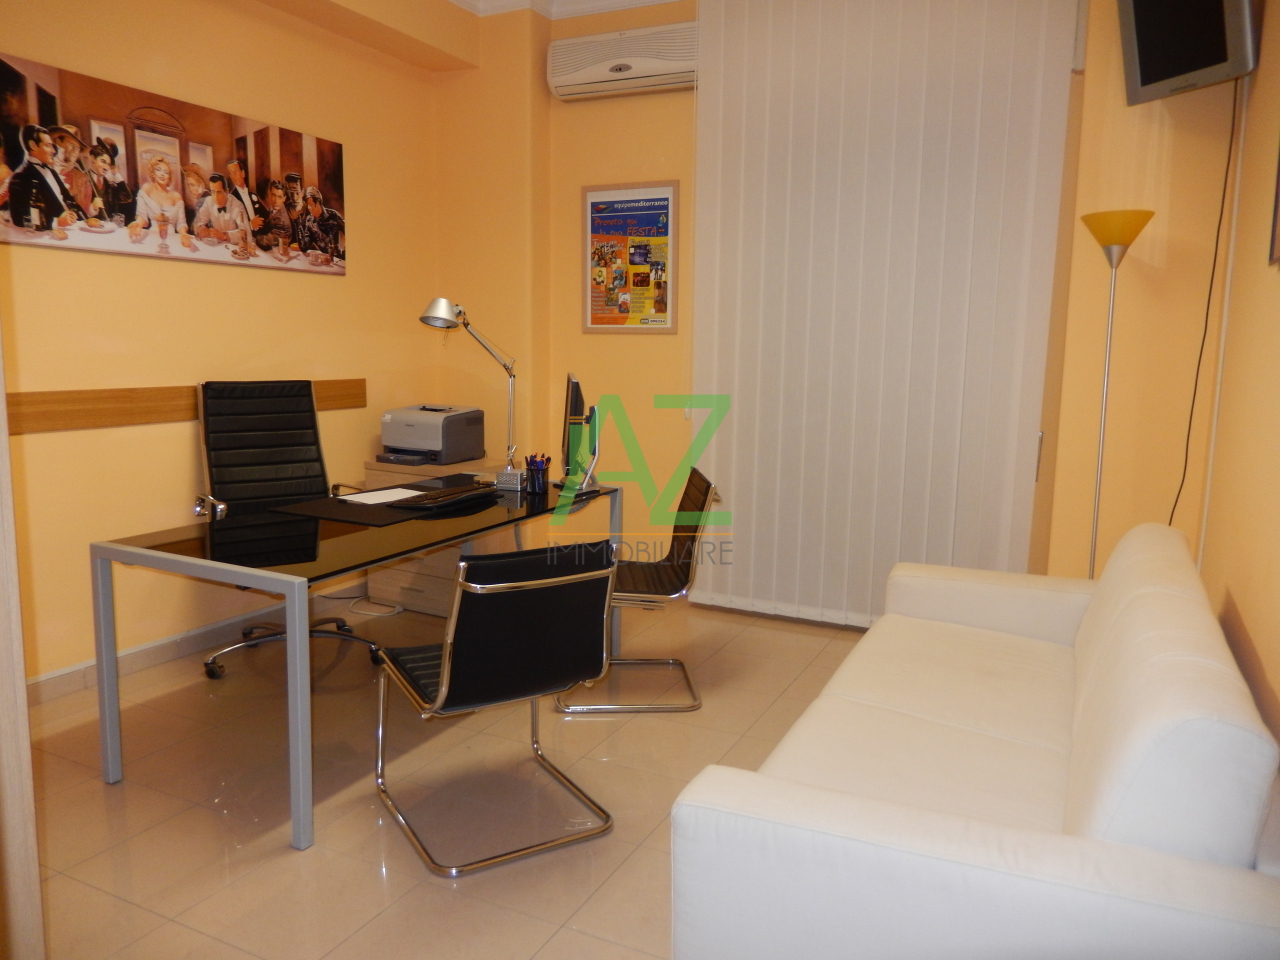 Appartamento in vendita a Acireale, 3 locali, prezzo € 95.000 | Cambio Casa.it